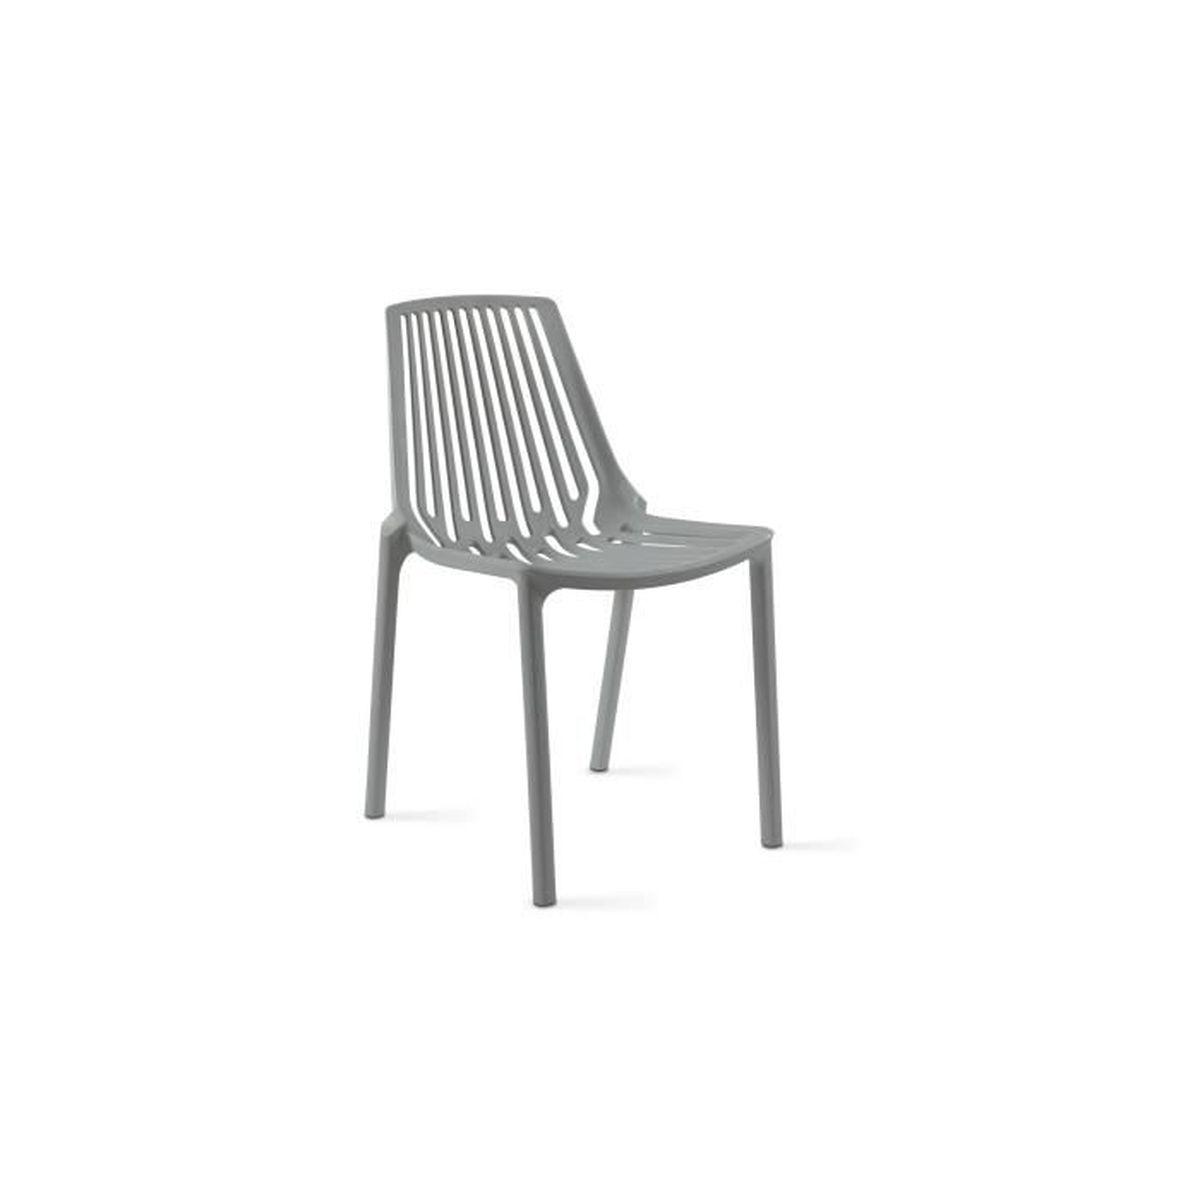 chaise plastique jardin achat vente chaise plastique jardin pas cher soldes d s le 10. Black Bedroom Furniture Sets. Home Design Ideas